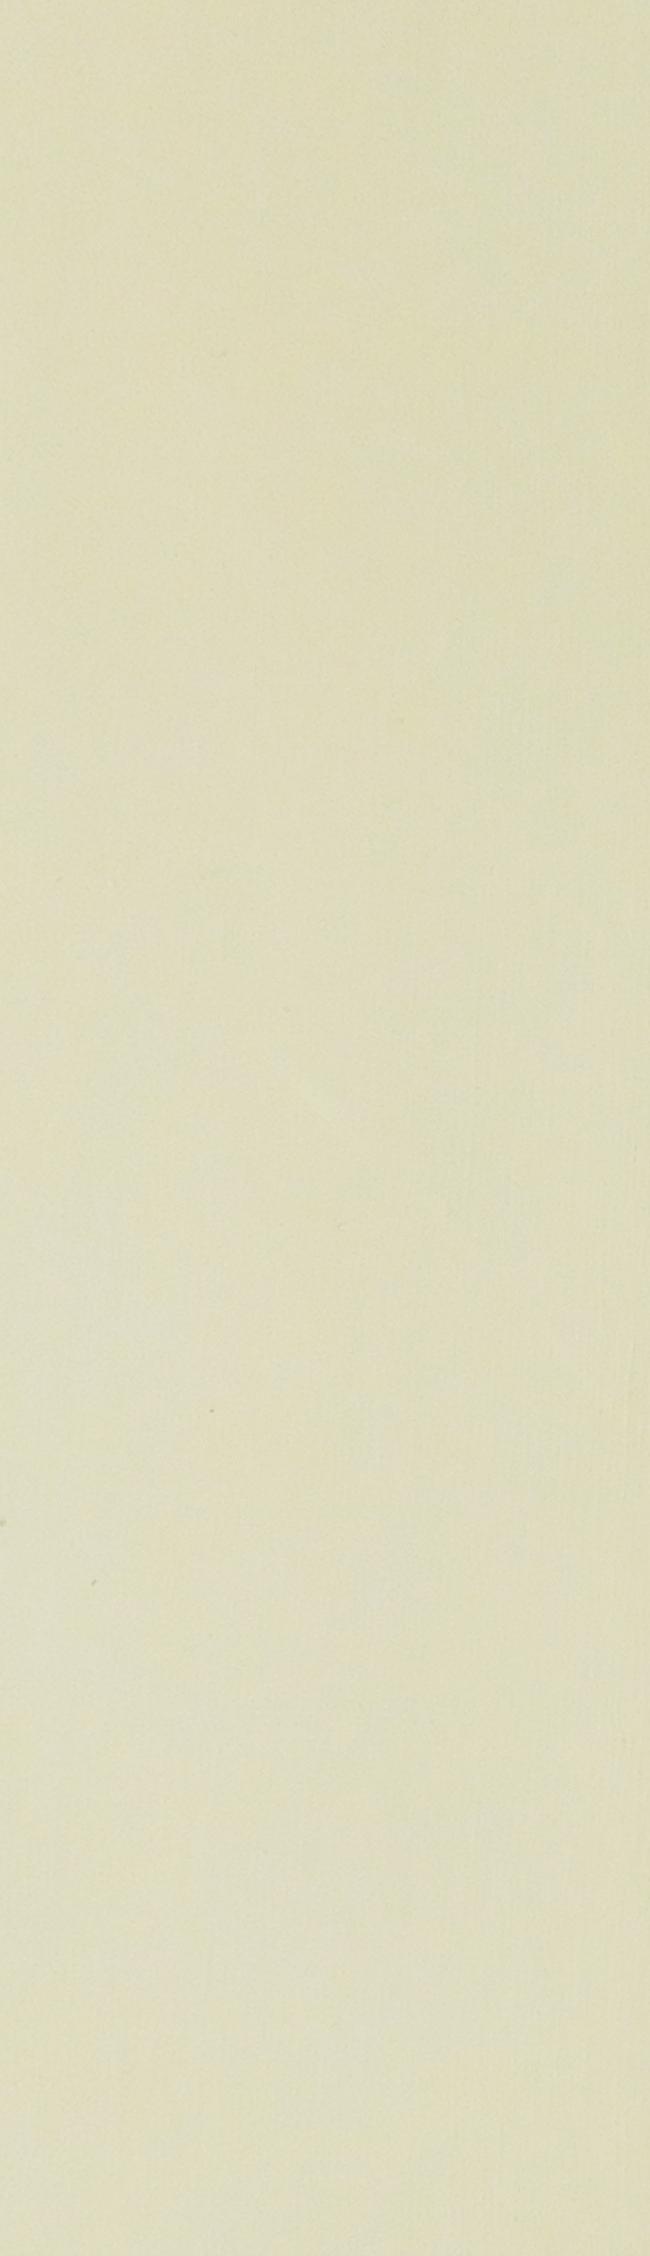 Soft cream basic wooden blind slat